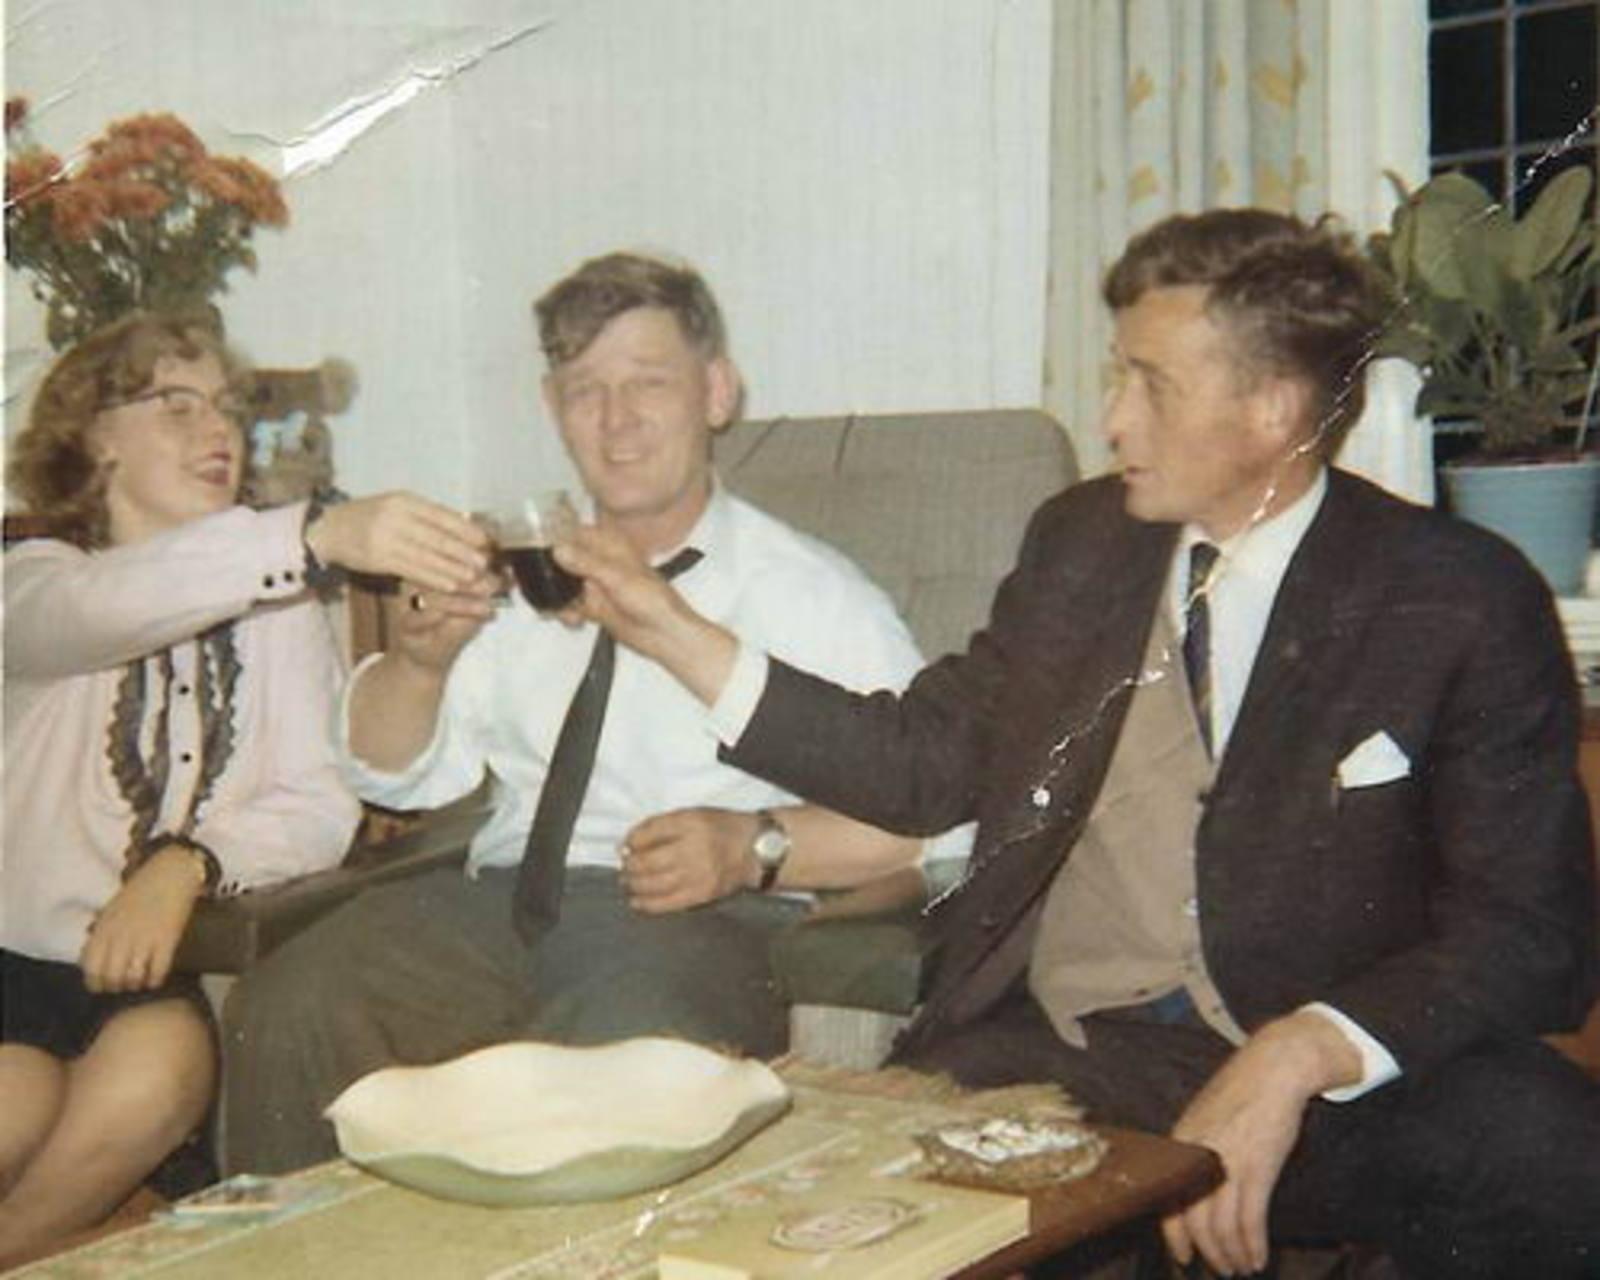 Bliek Toon 1914 1965 met dochter Ria